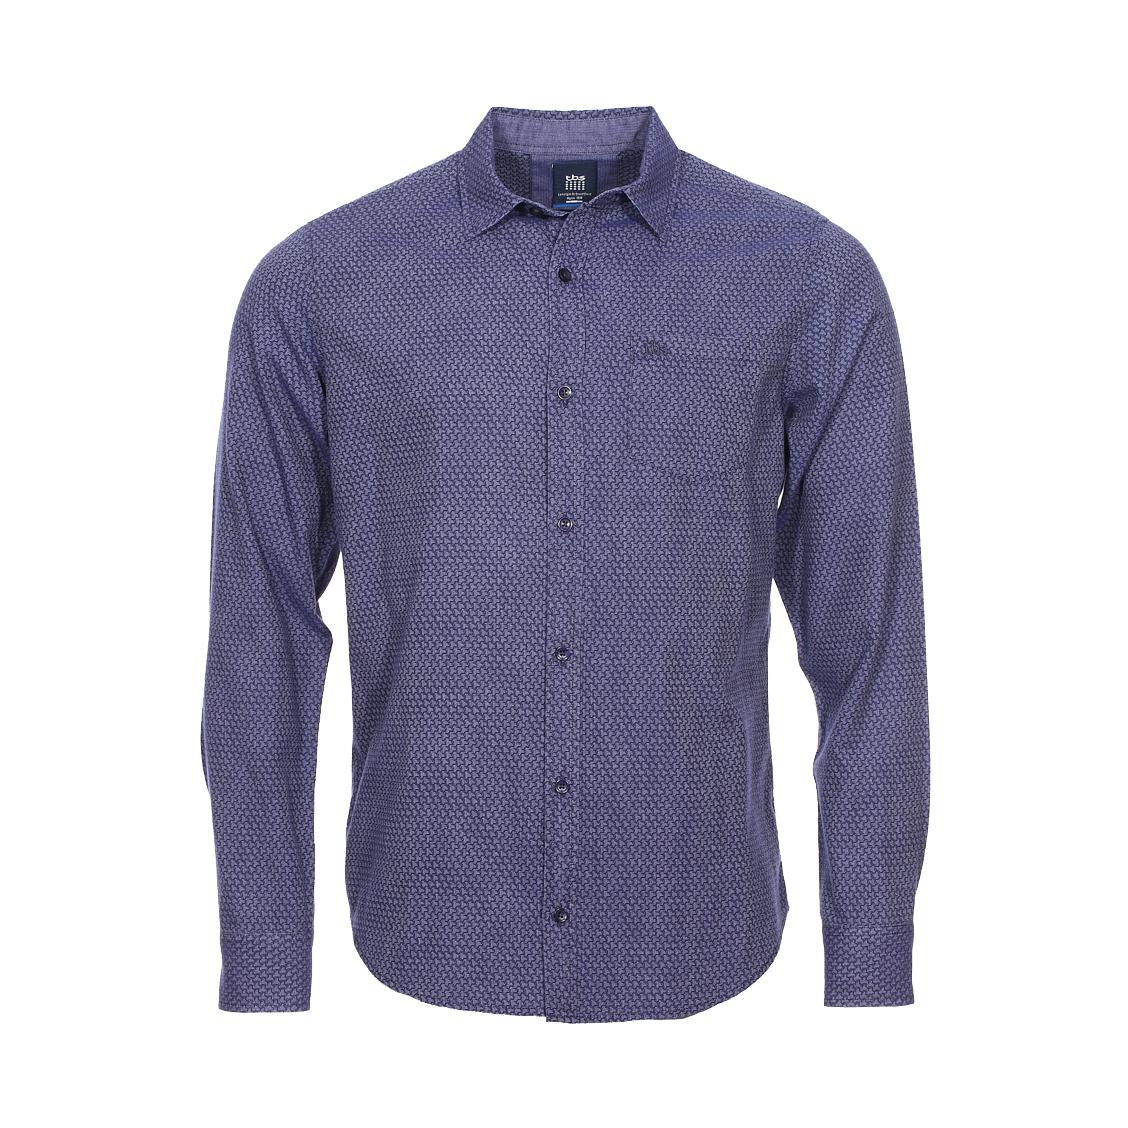 Chemise ajustée Bomche TBS en coton bleu marine à motifs